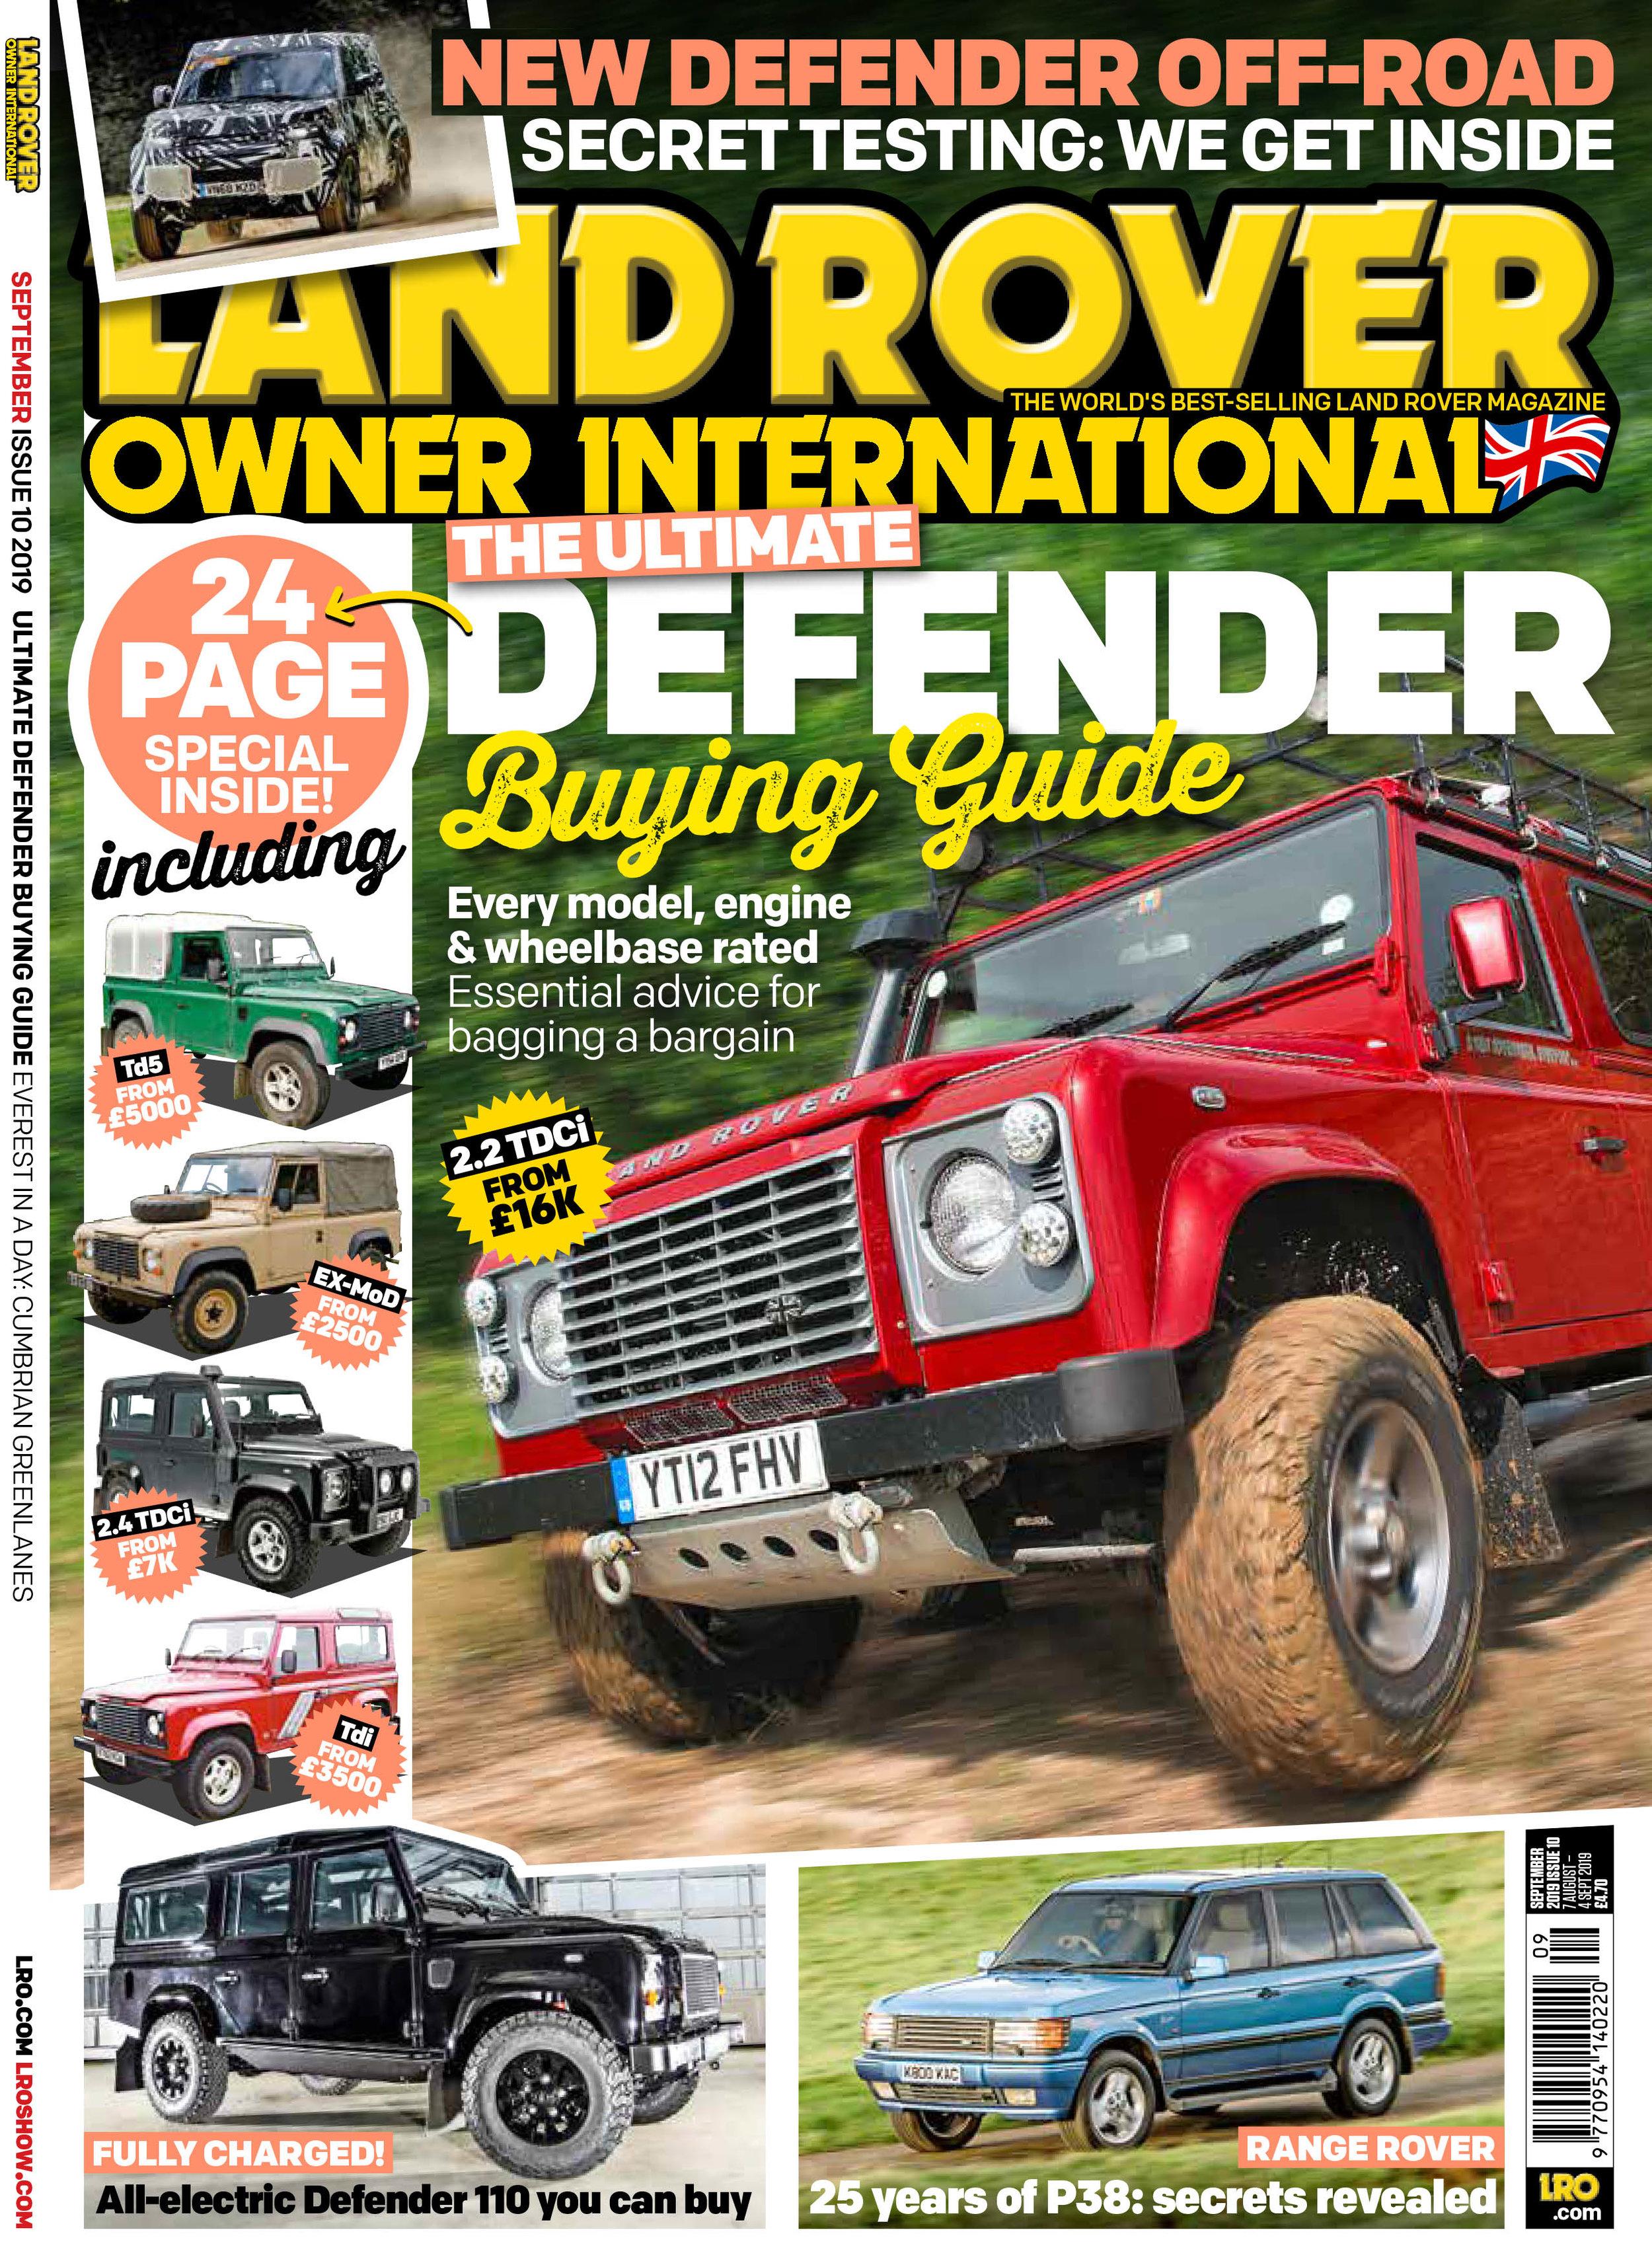 Land Rover Owner September 2019 cover.jpg